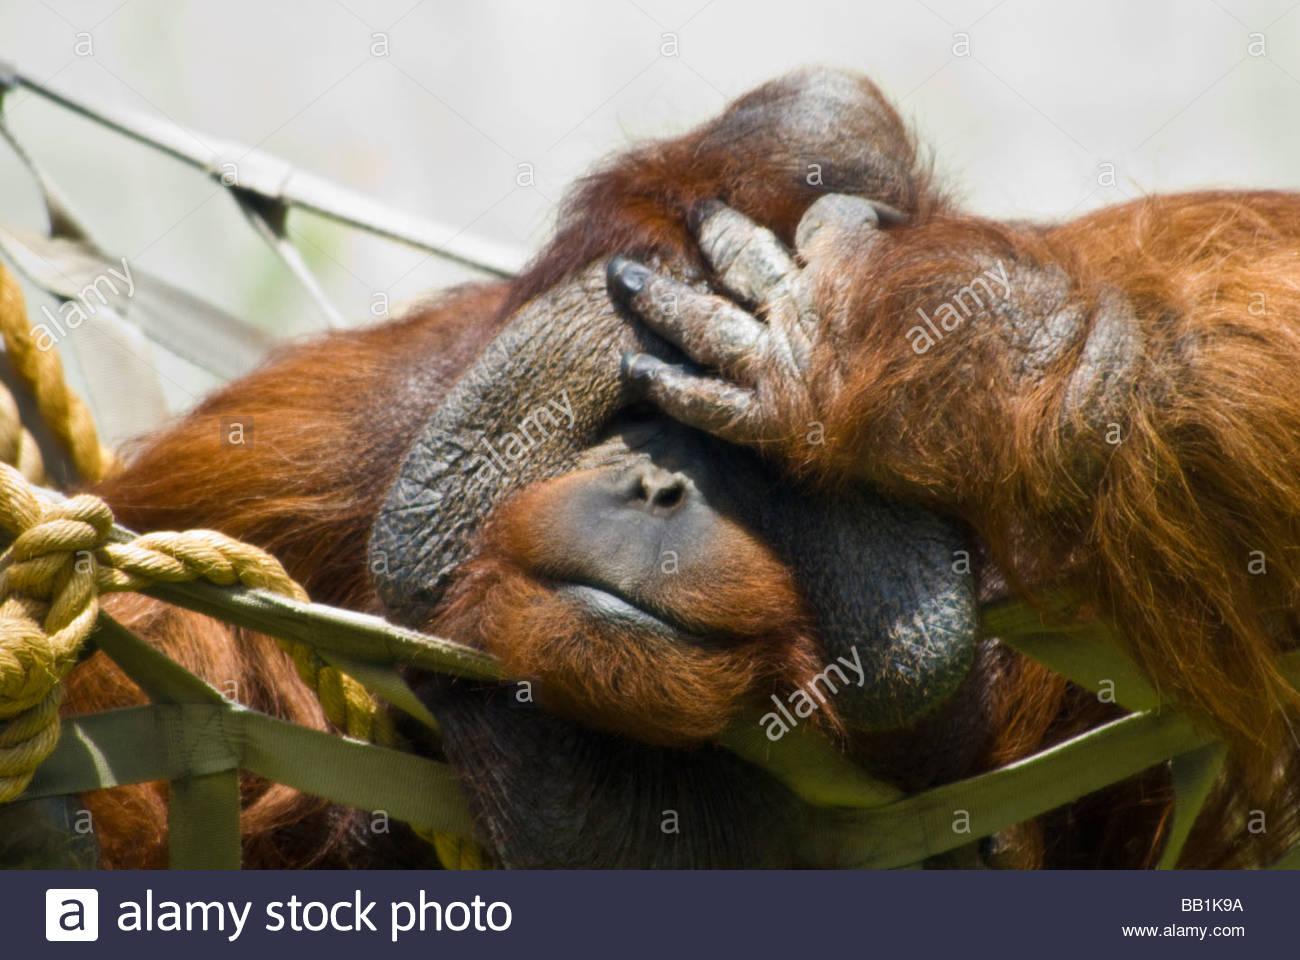 Orangután de Sumatra sosteniendo su cabeza, Pongo pygmaeus, Zoológico de Denver, Colorado, EE.UU. Imagen De Stock